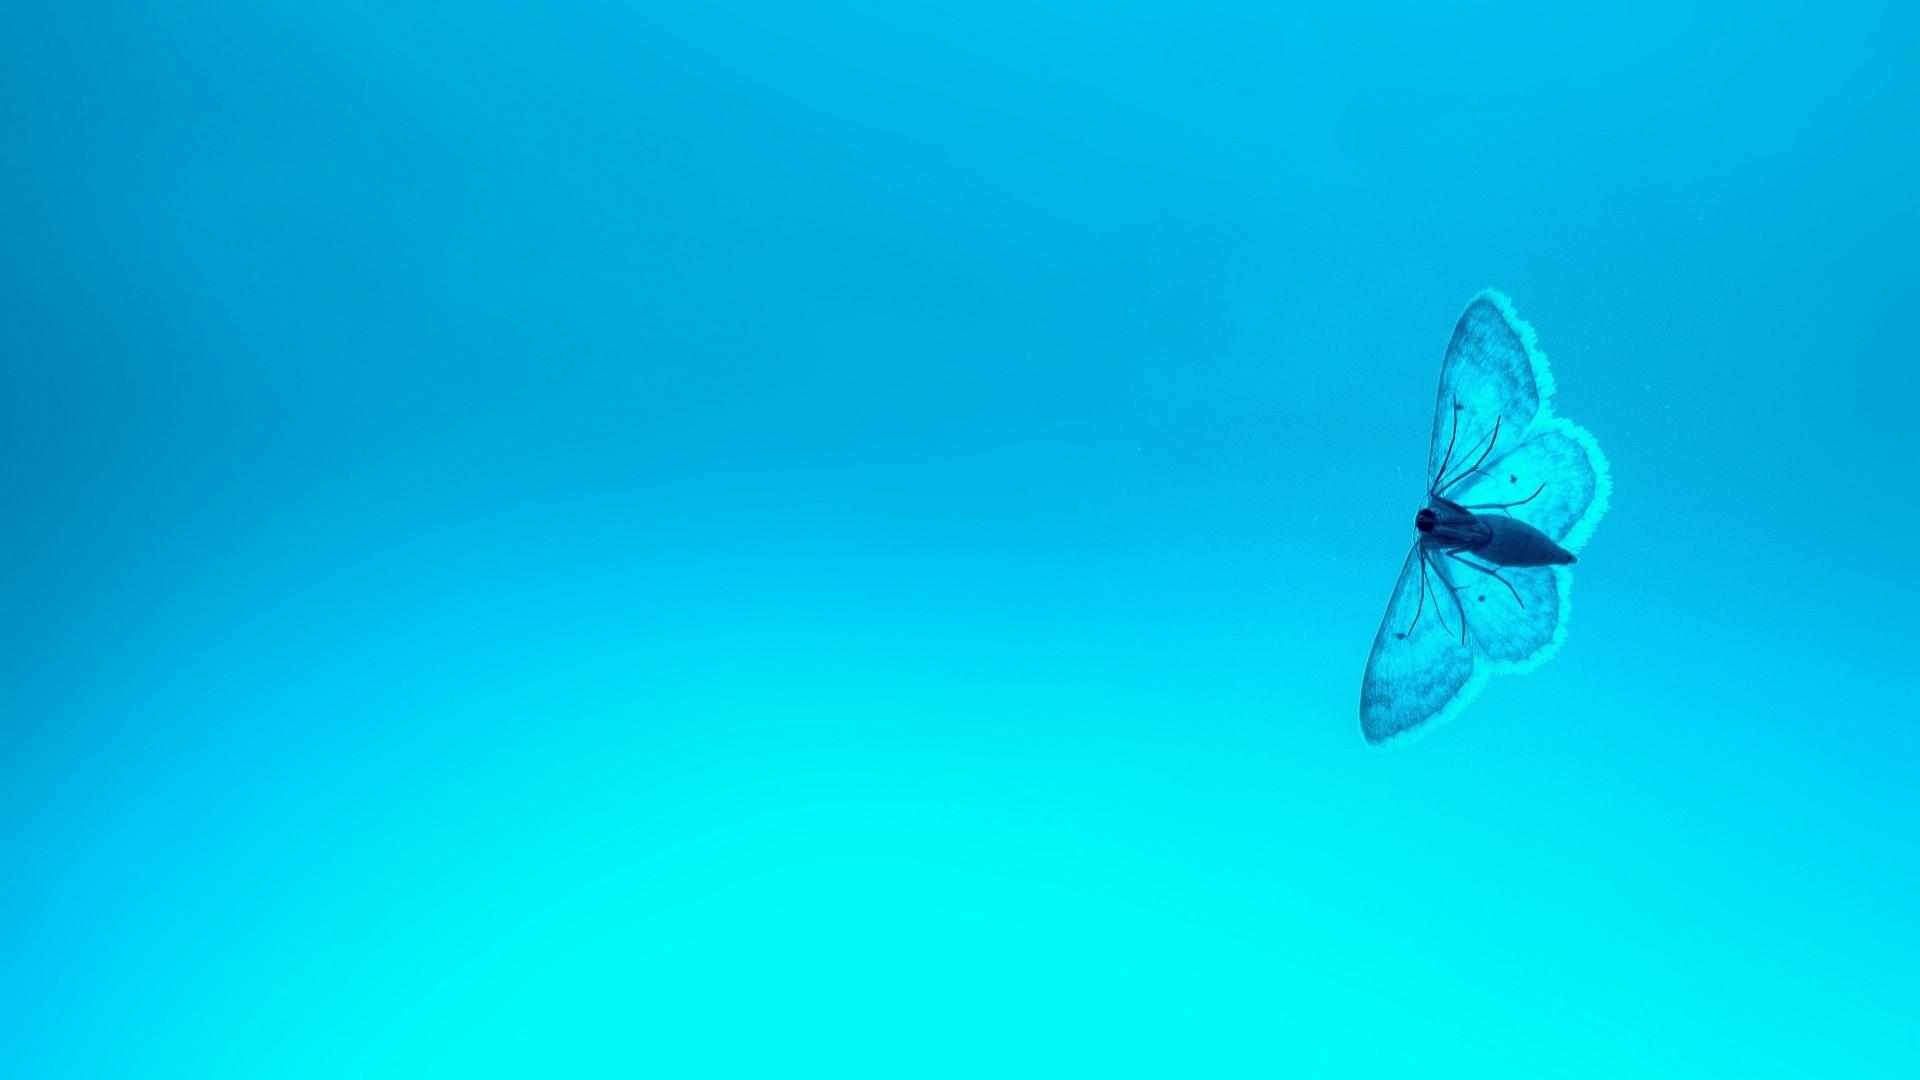 Blue Butterfly HD Download